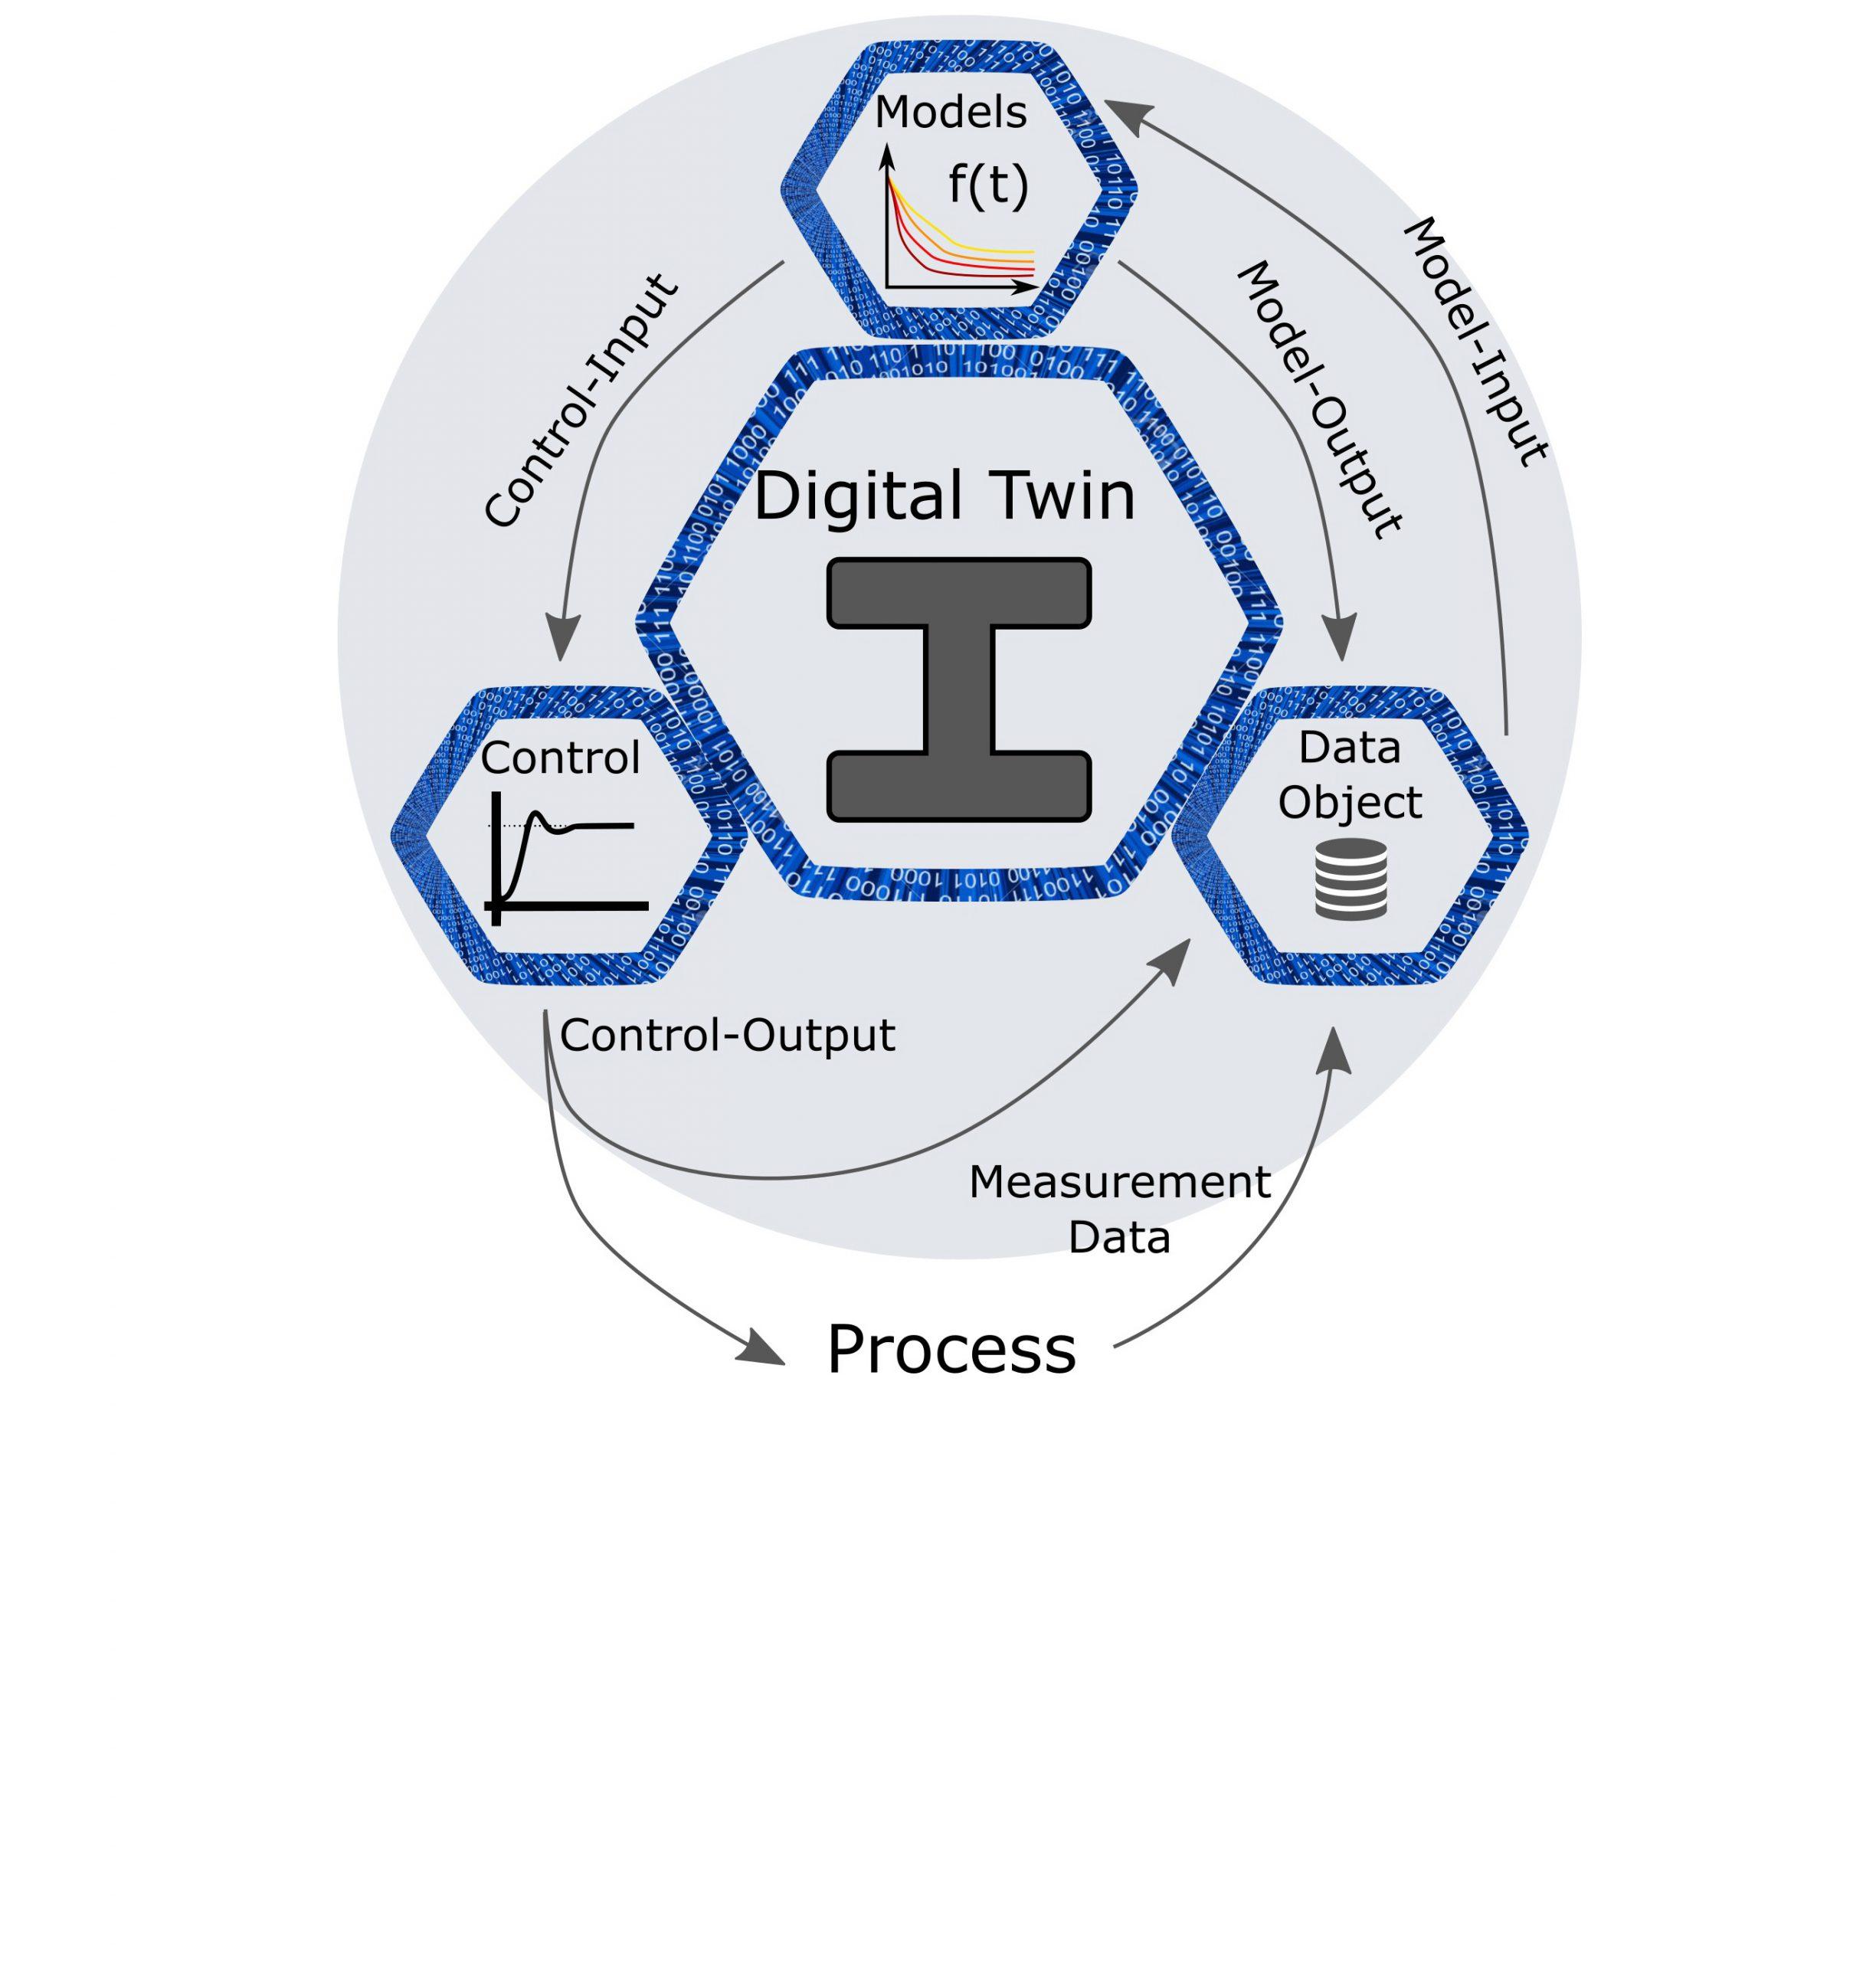 Schematische Darstellung eines digitalen Zwillings und seiner Funktionalitäten und internen Kommunikation